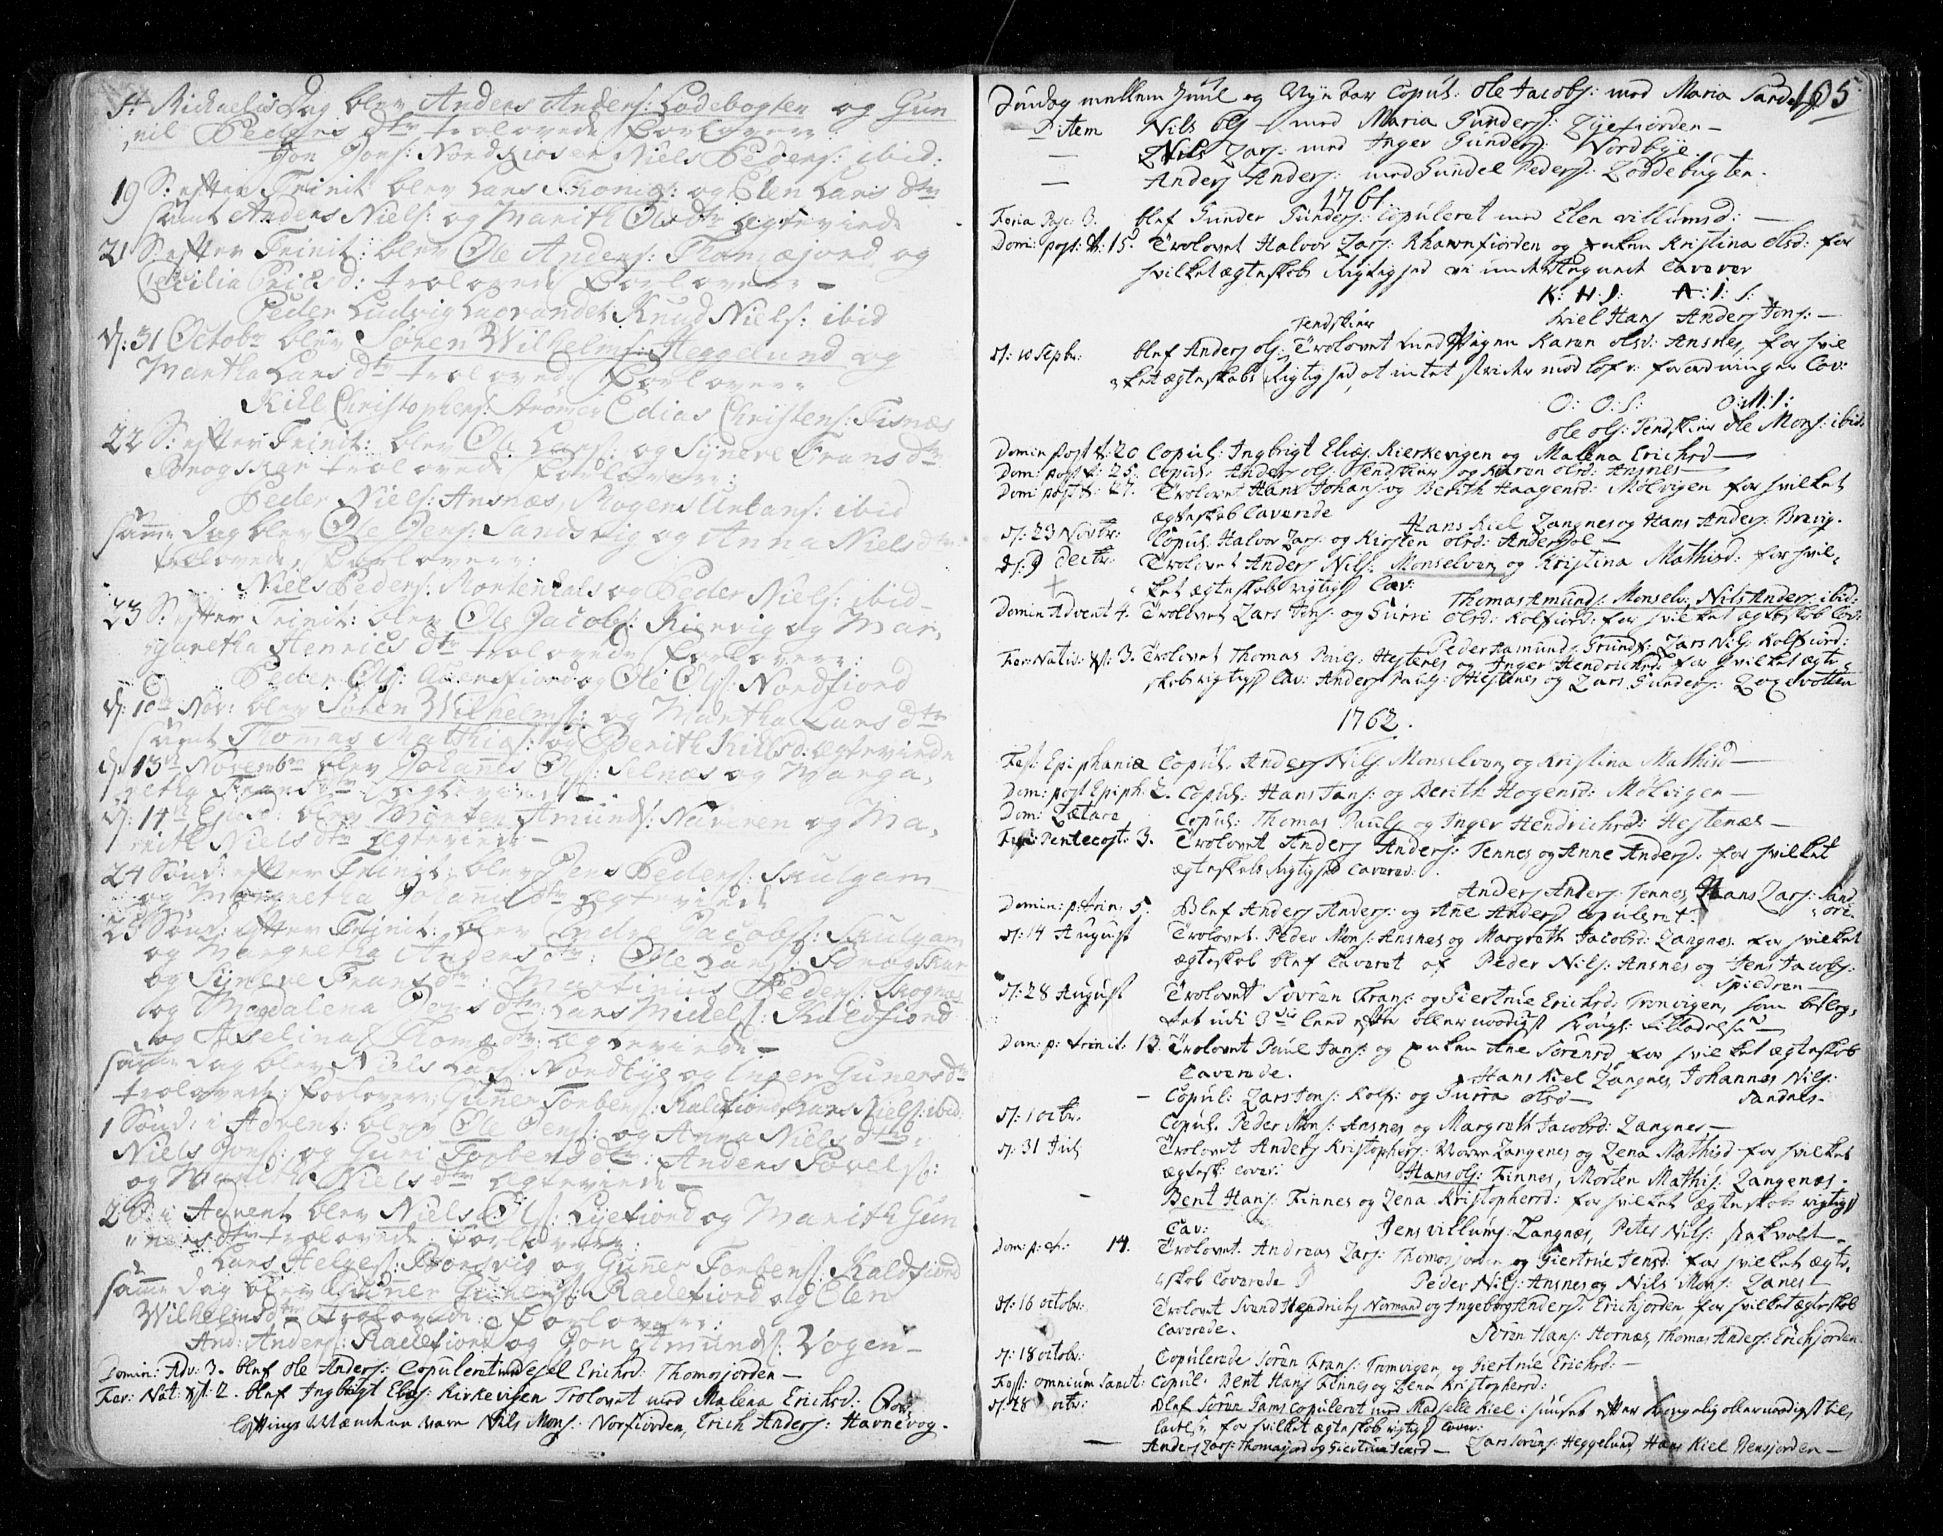 SATØ, Tromsø sokneprestkontor/stiftsprosti/domprosti, G/Ga/L0002kirke: Ministerialbok nr. 2, 1753-1778, s. 105